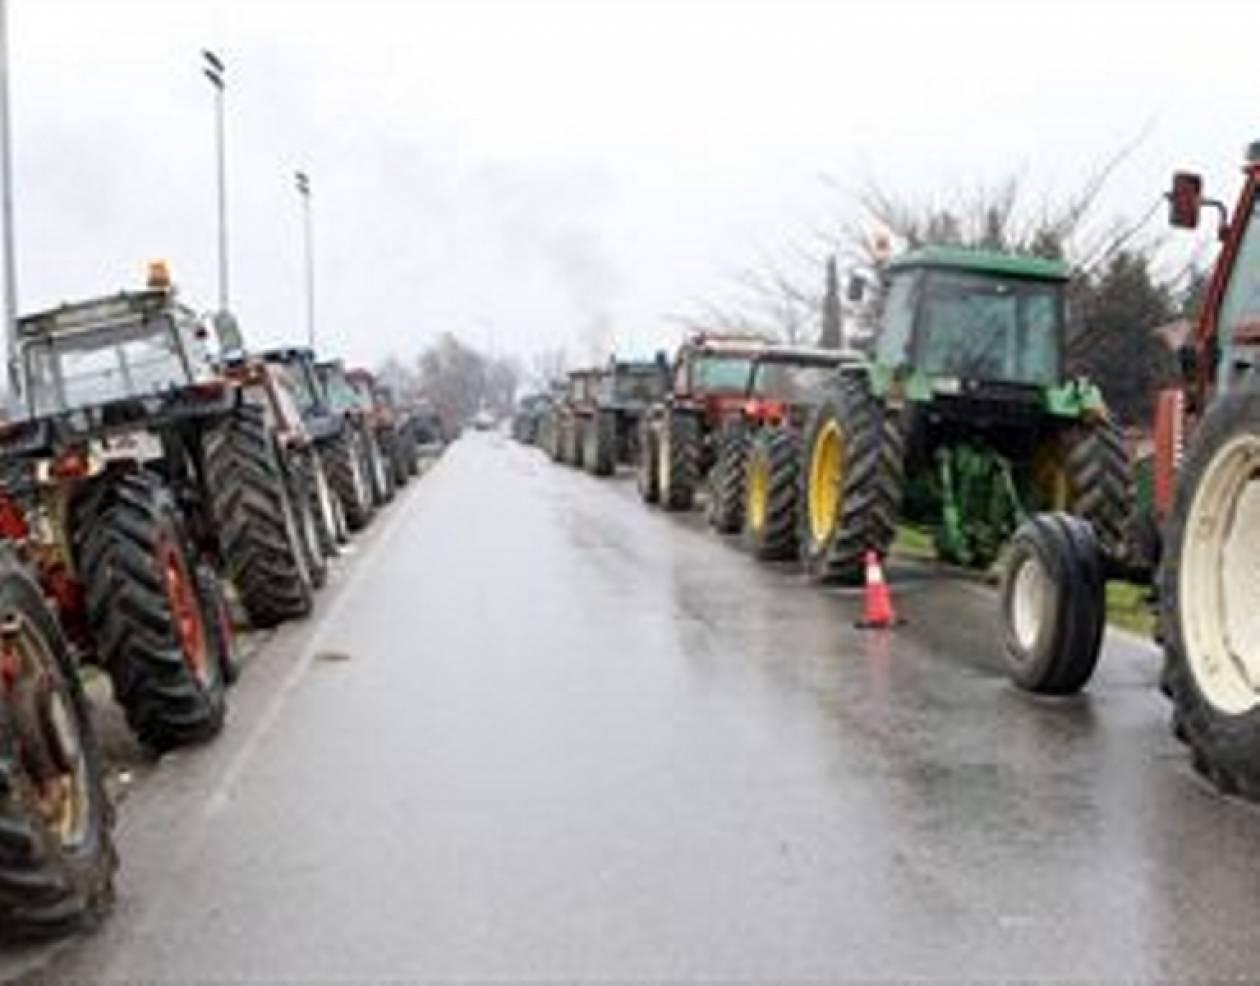 Θεσσαλονίκη: Αγρότες απέκλεισαν τον κόμβο της Κουλούρας